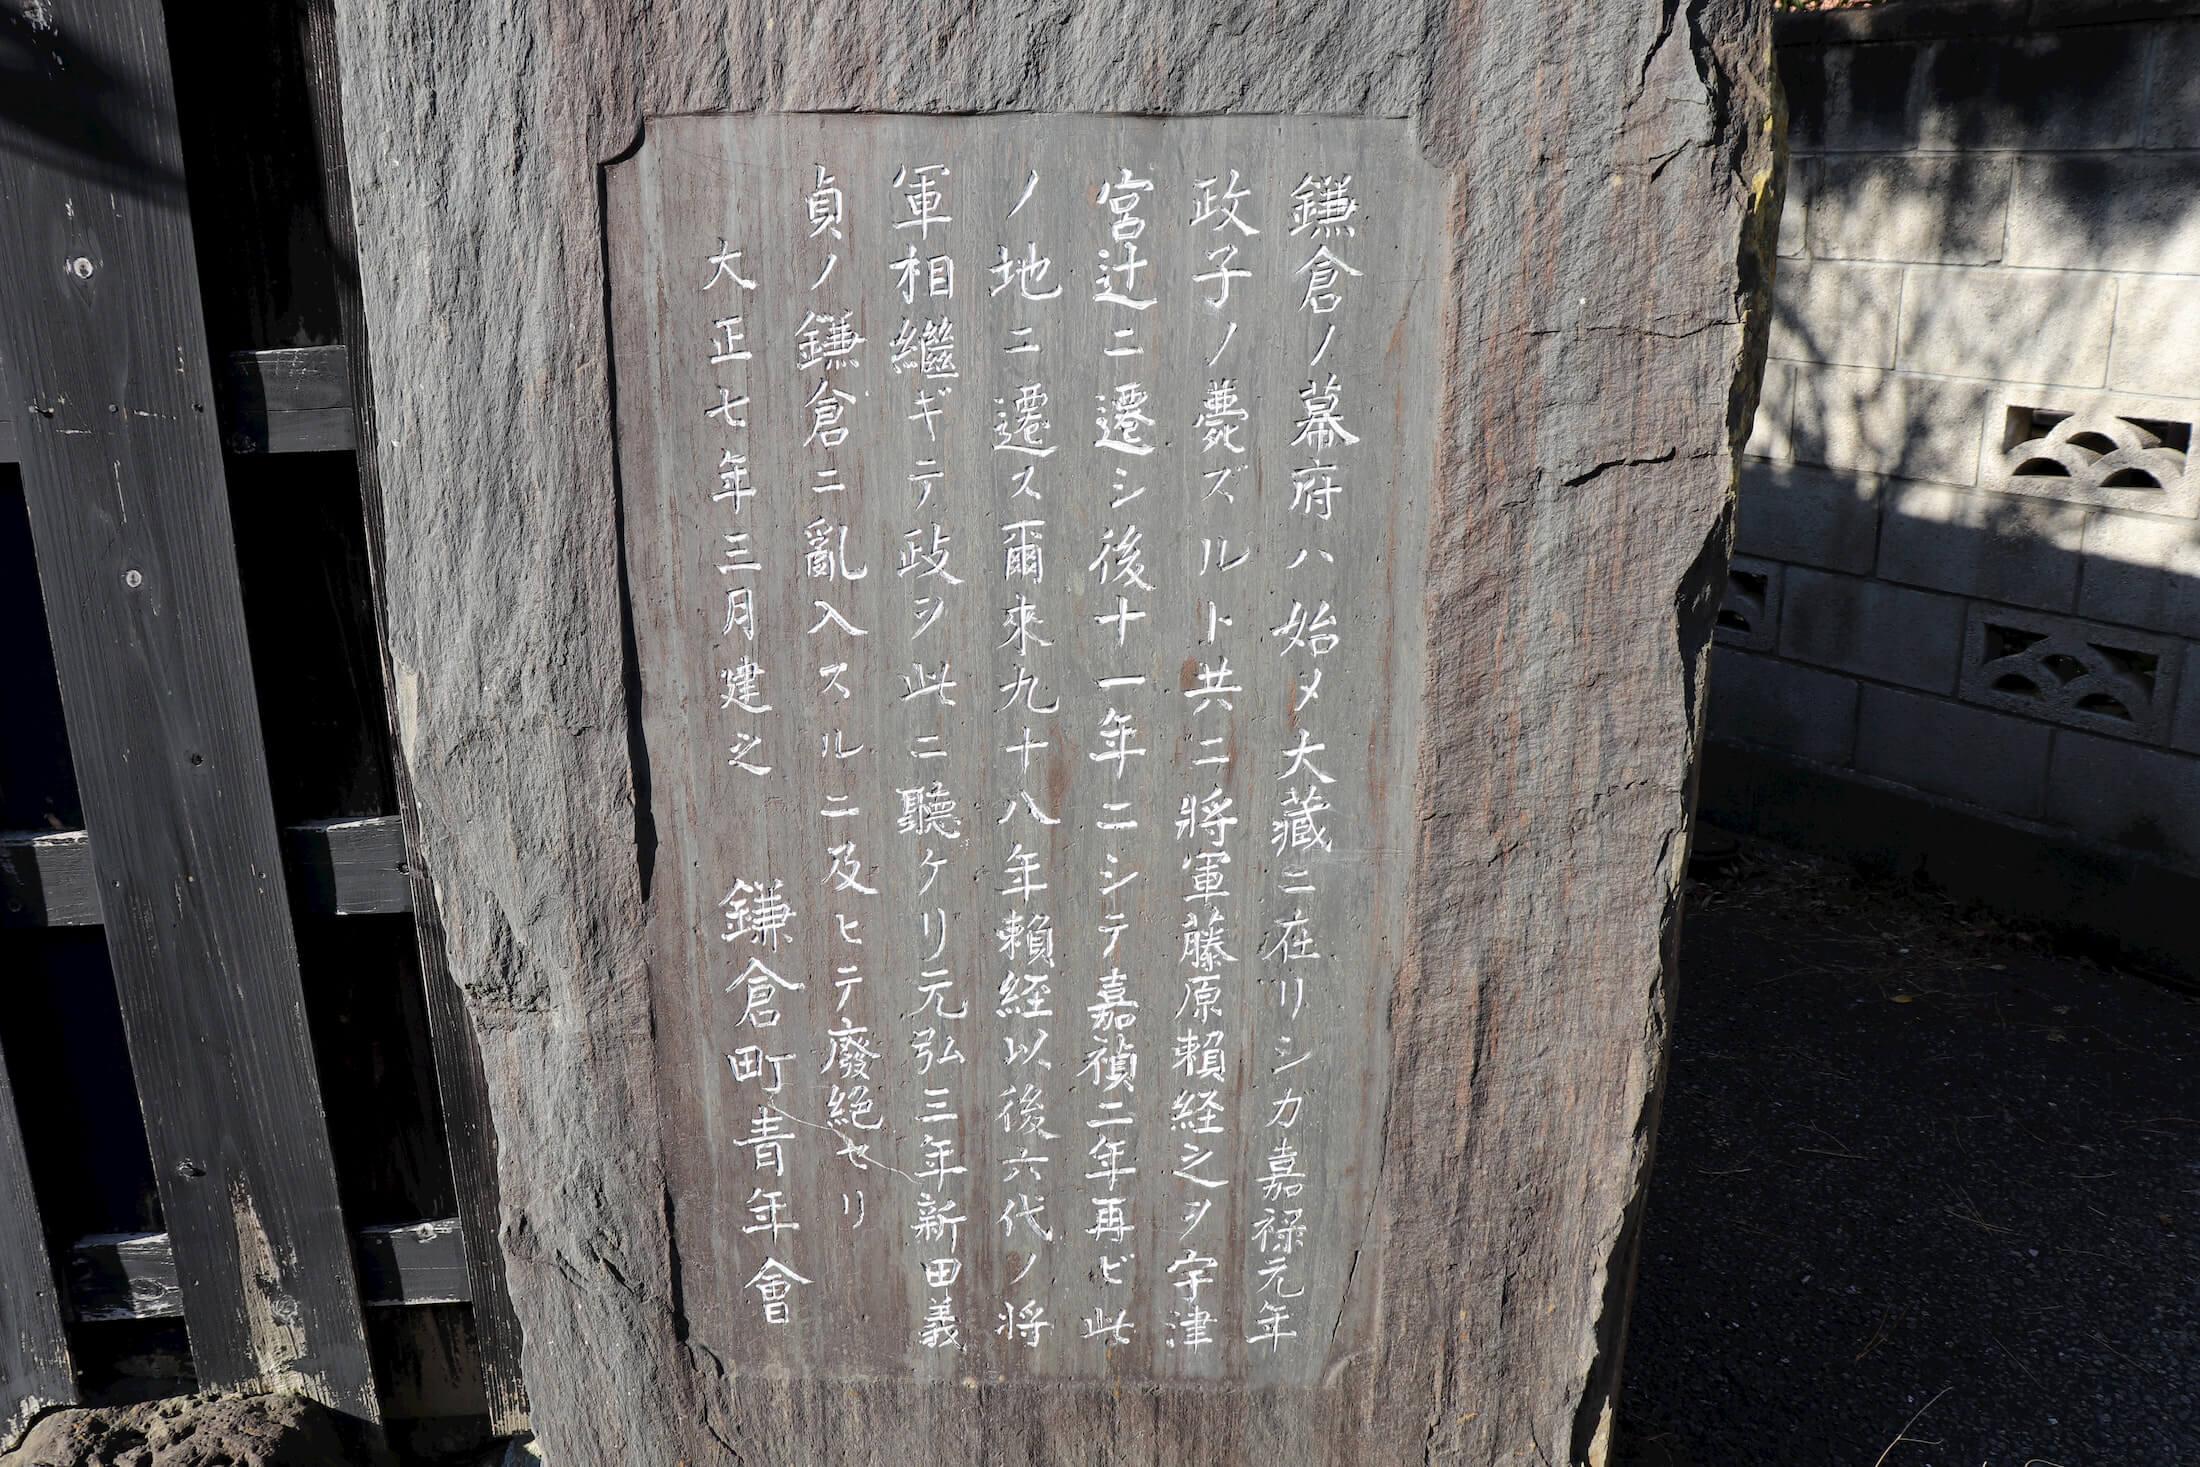 若宮大路幕府の石碑の文字